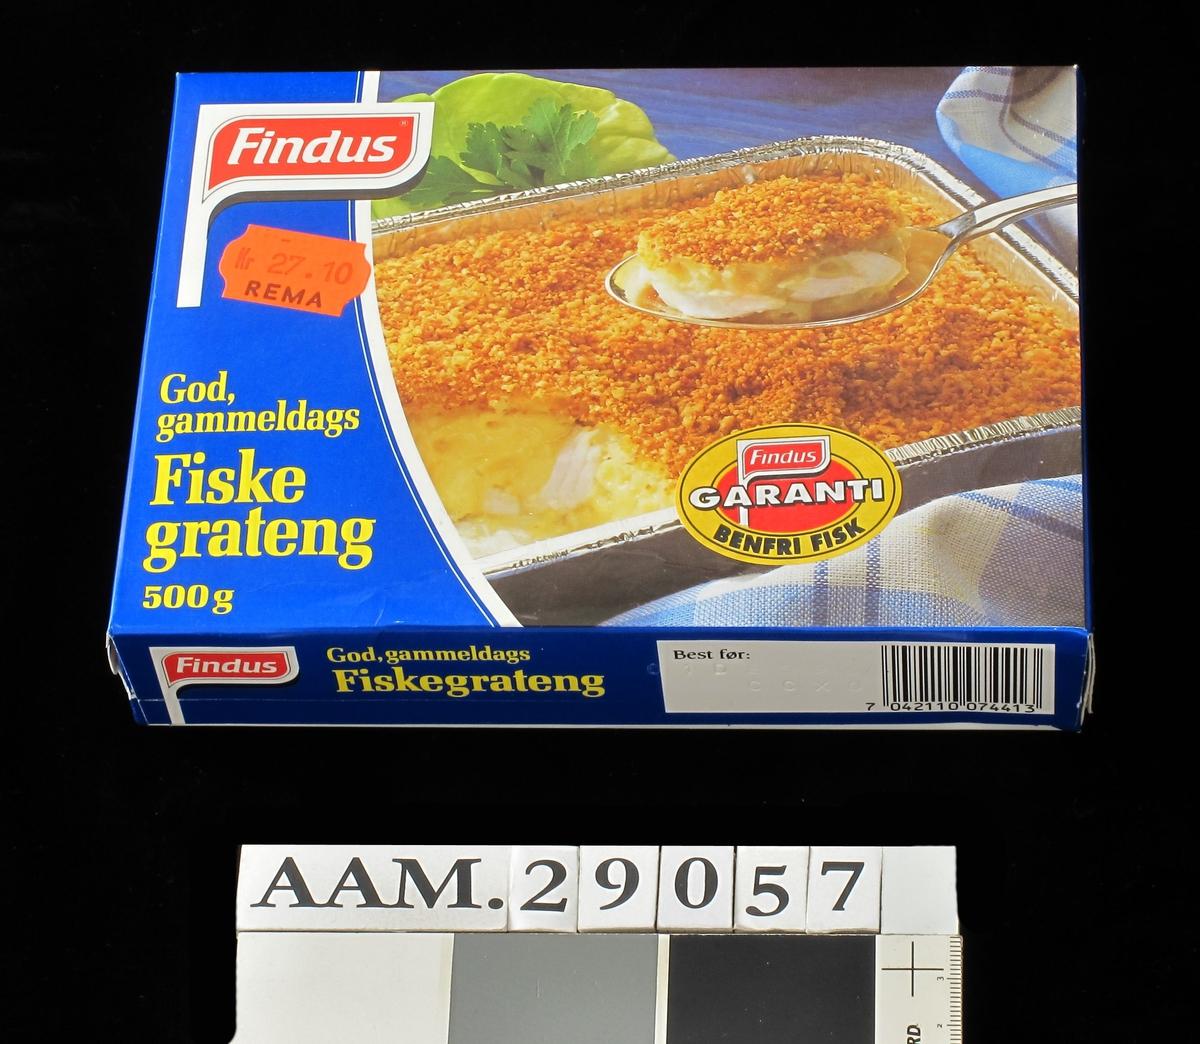 På forsiden gyllenstekt fiskegrateng med salat. På baksiden midre bilde med fiskegrateng, poteter og grønnsaker på hvit talllerken.mot mørk duk.